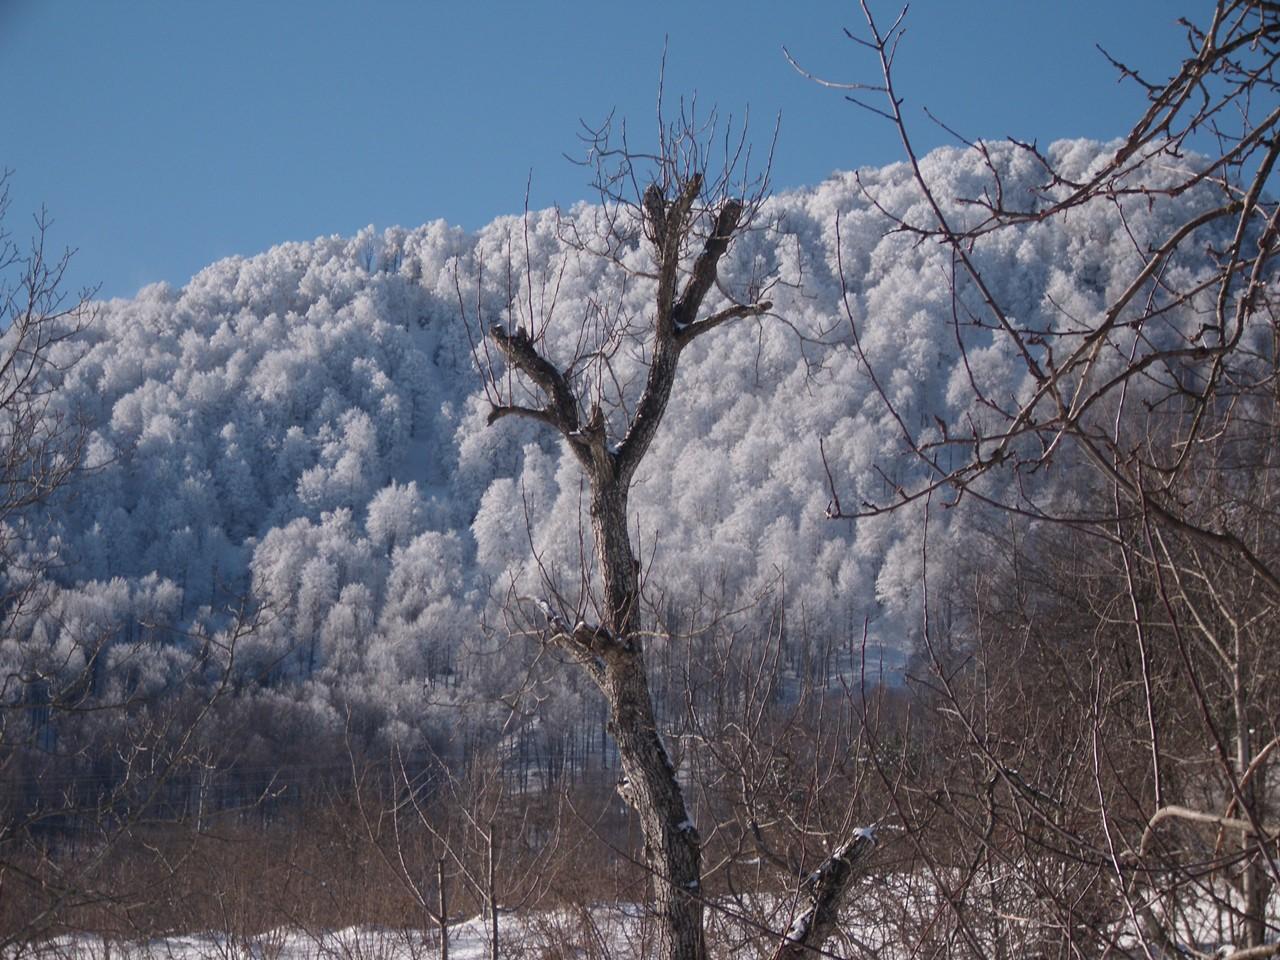 Nebiyan Dağı Kış Resimleri 1 - Nebiyan Dağı Kış Resimleri (1)